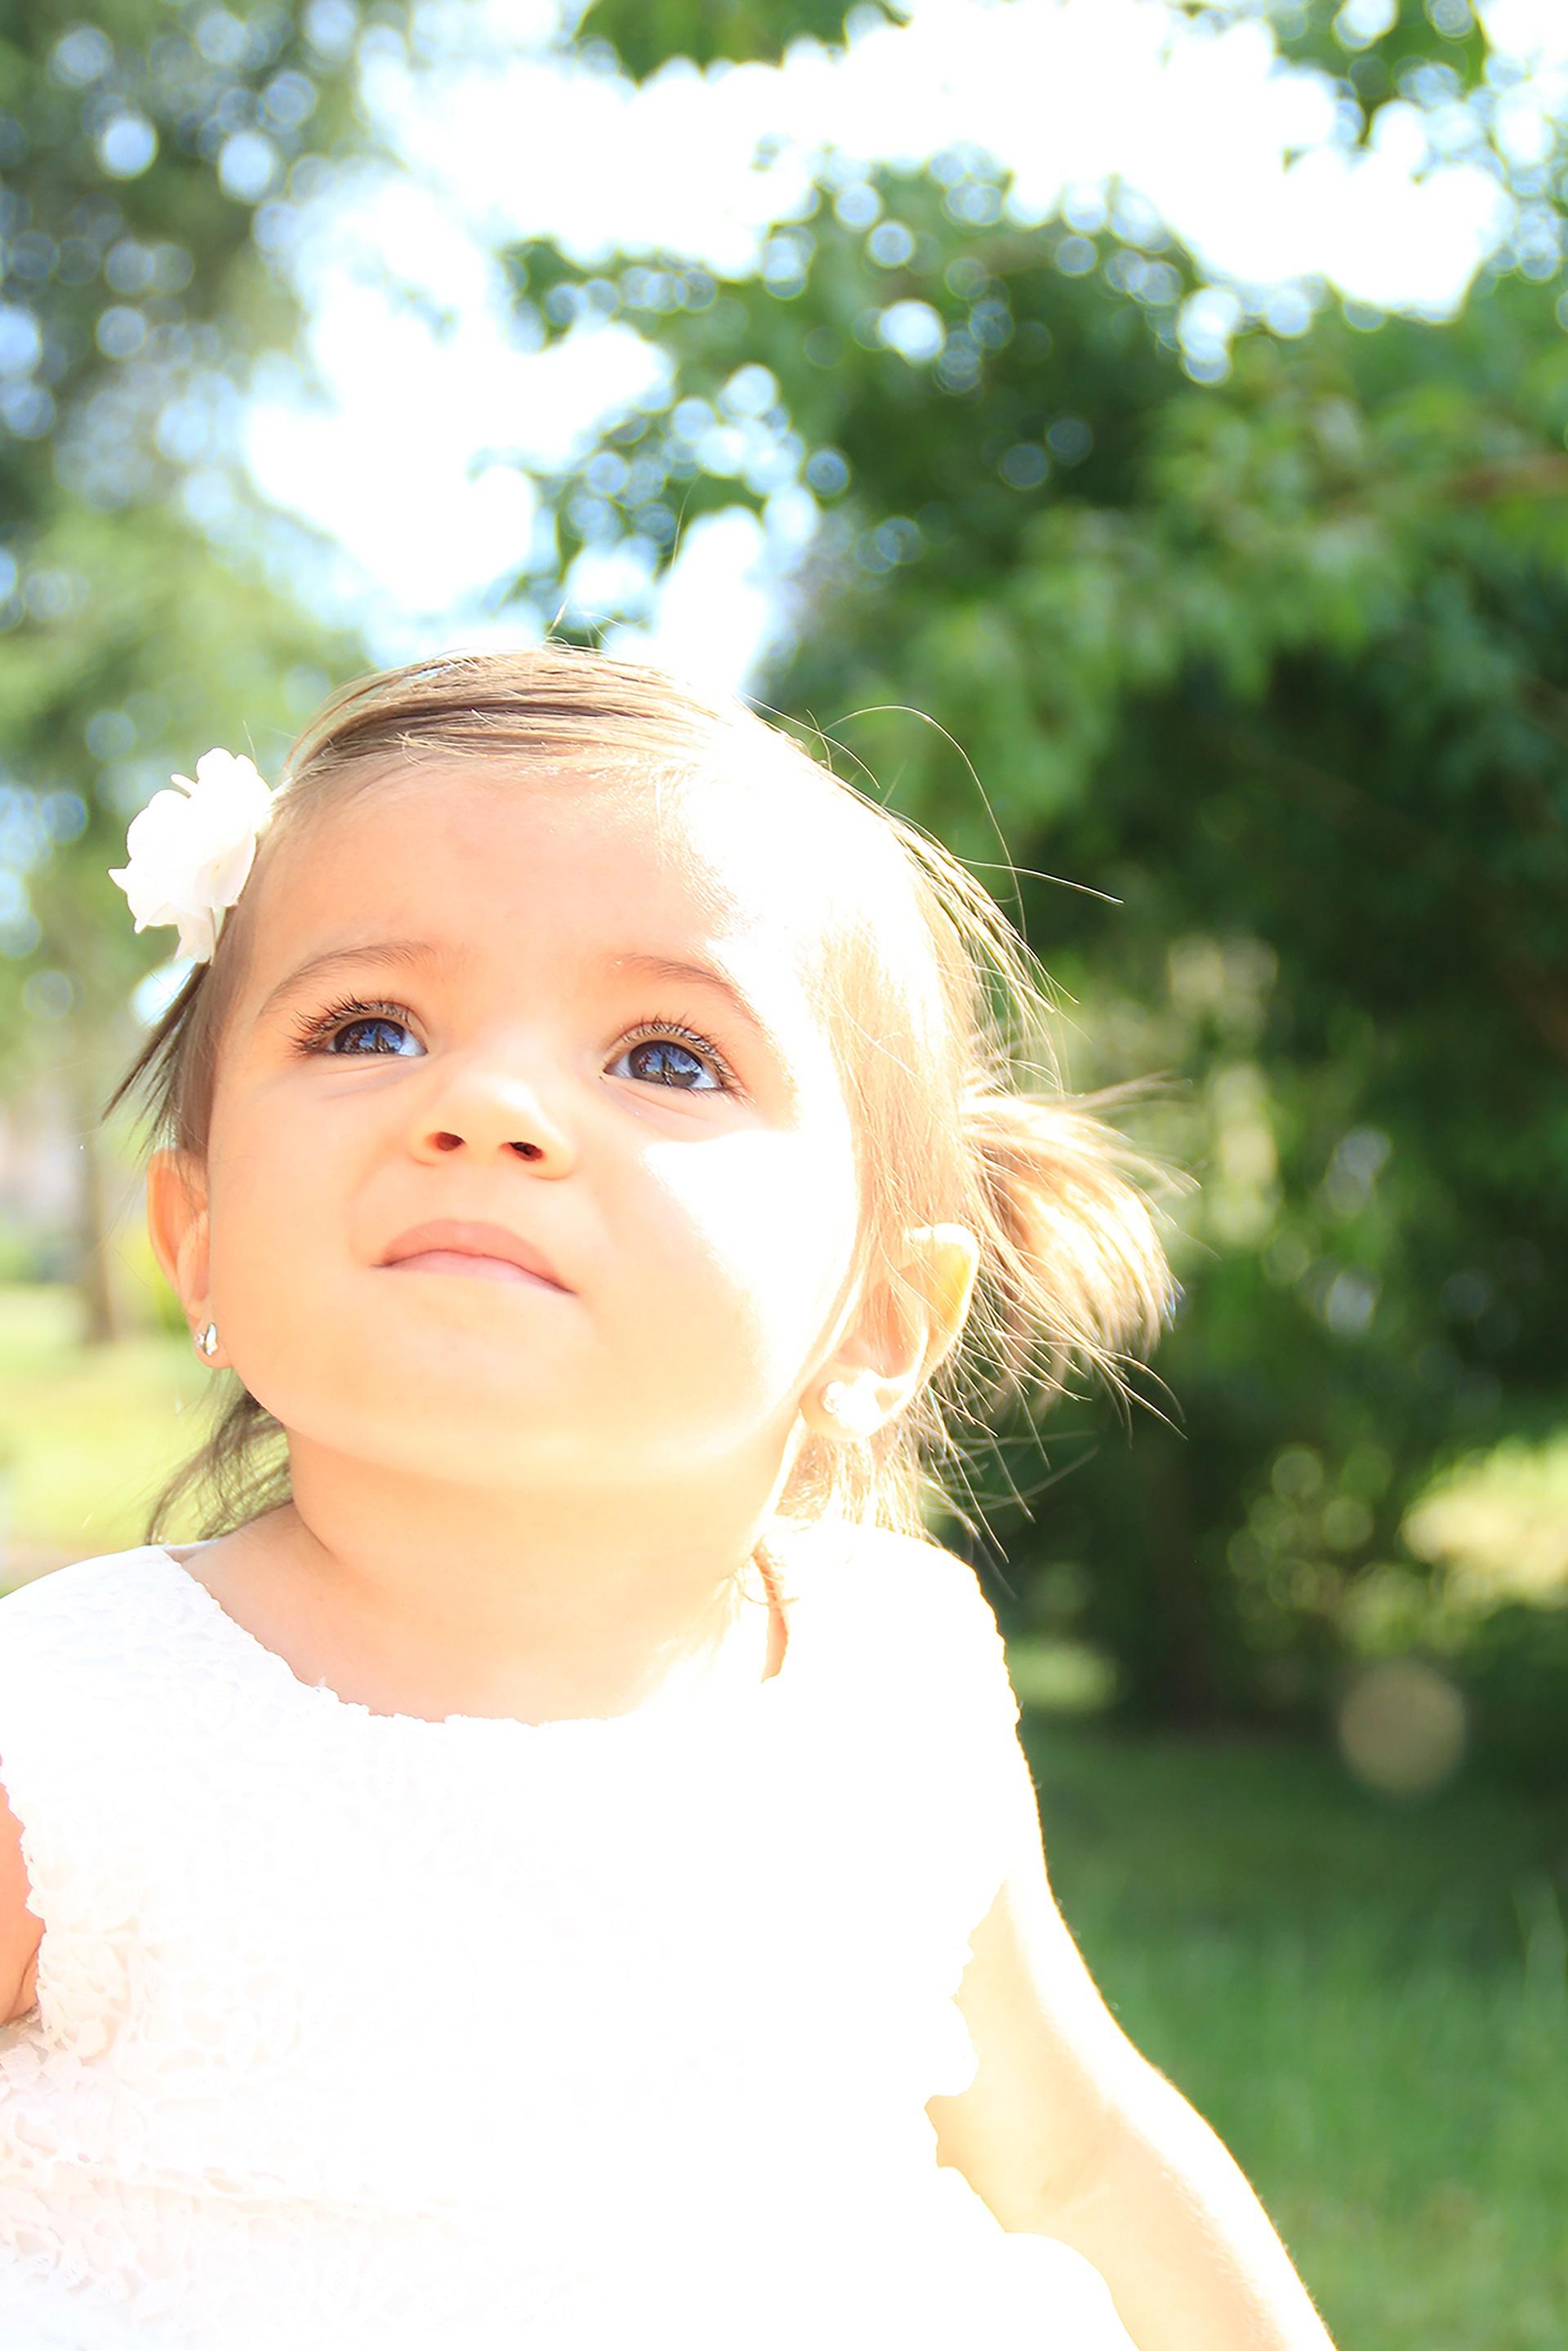 a18fe0e42dfa person pige sol kvinde hår hvid fotografering blomst portræt frisk barn  ansigtsudtryk smil ansigt Engel ceremoni